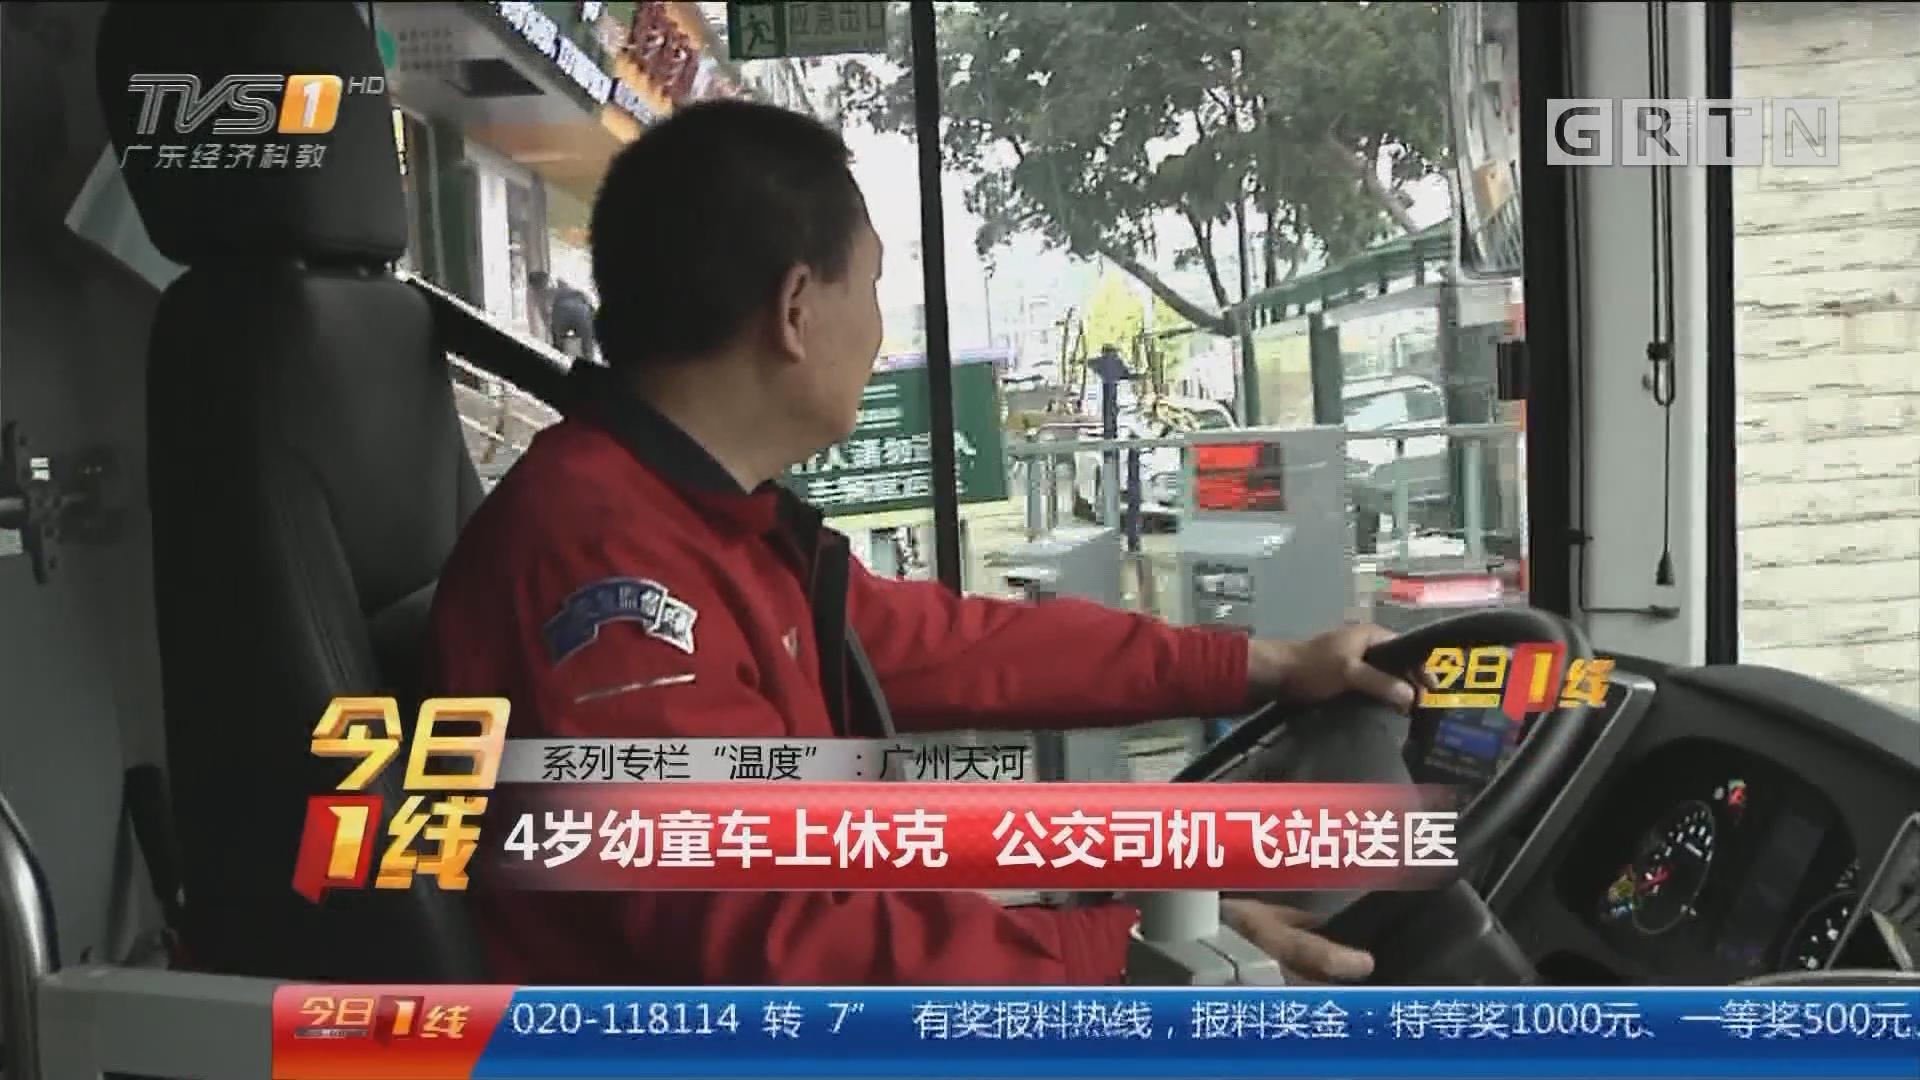 """系列栏目""""温度"""":广州天河 4岁幼童车上休克 公交司机飞站送医"""